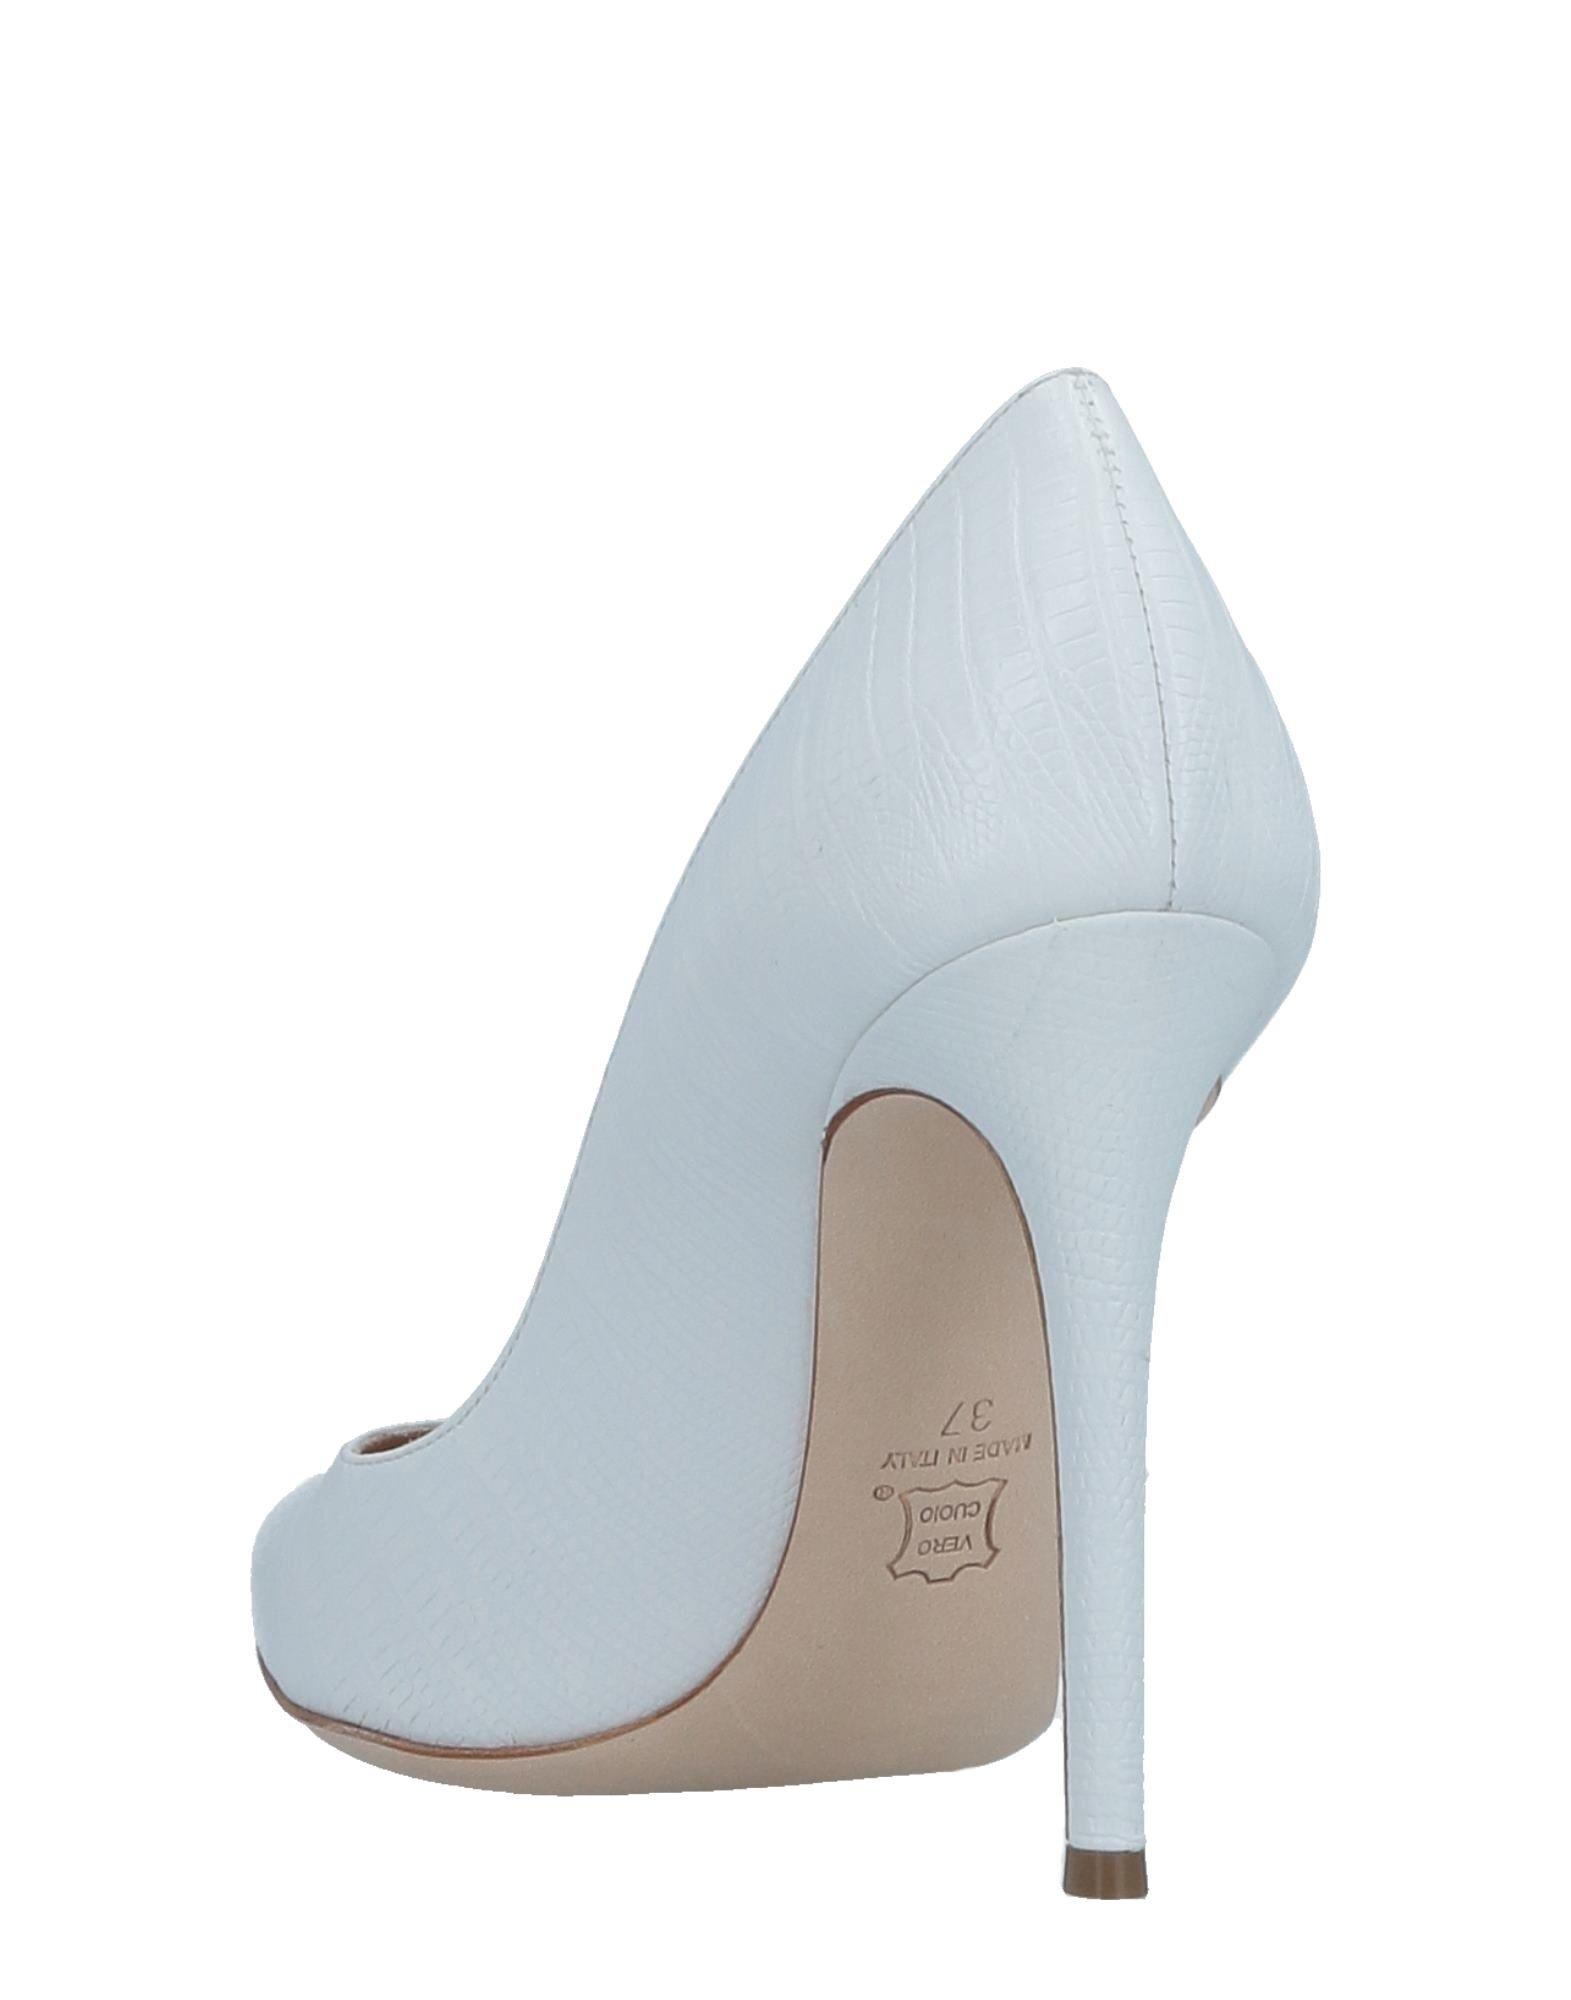 Rabatt Schuhe Lerre Pumps  Damen  Pumps 11508704UE 9d3174